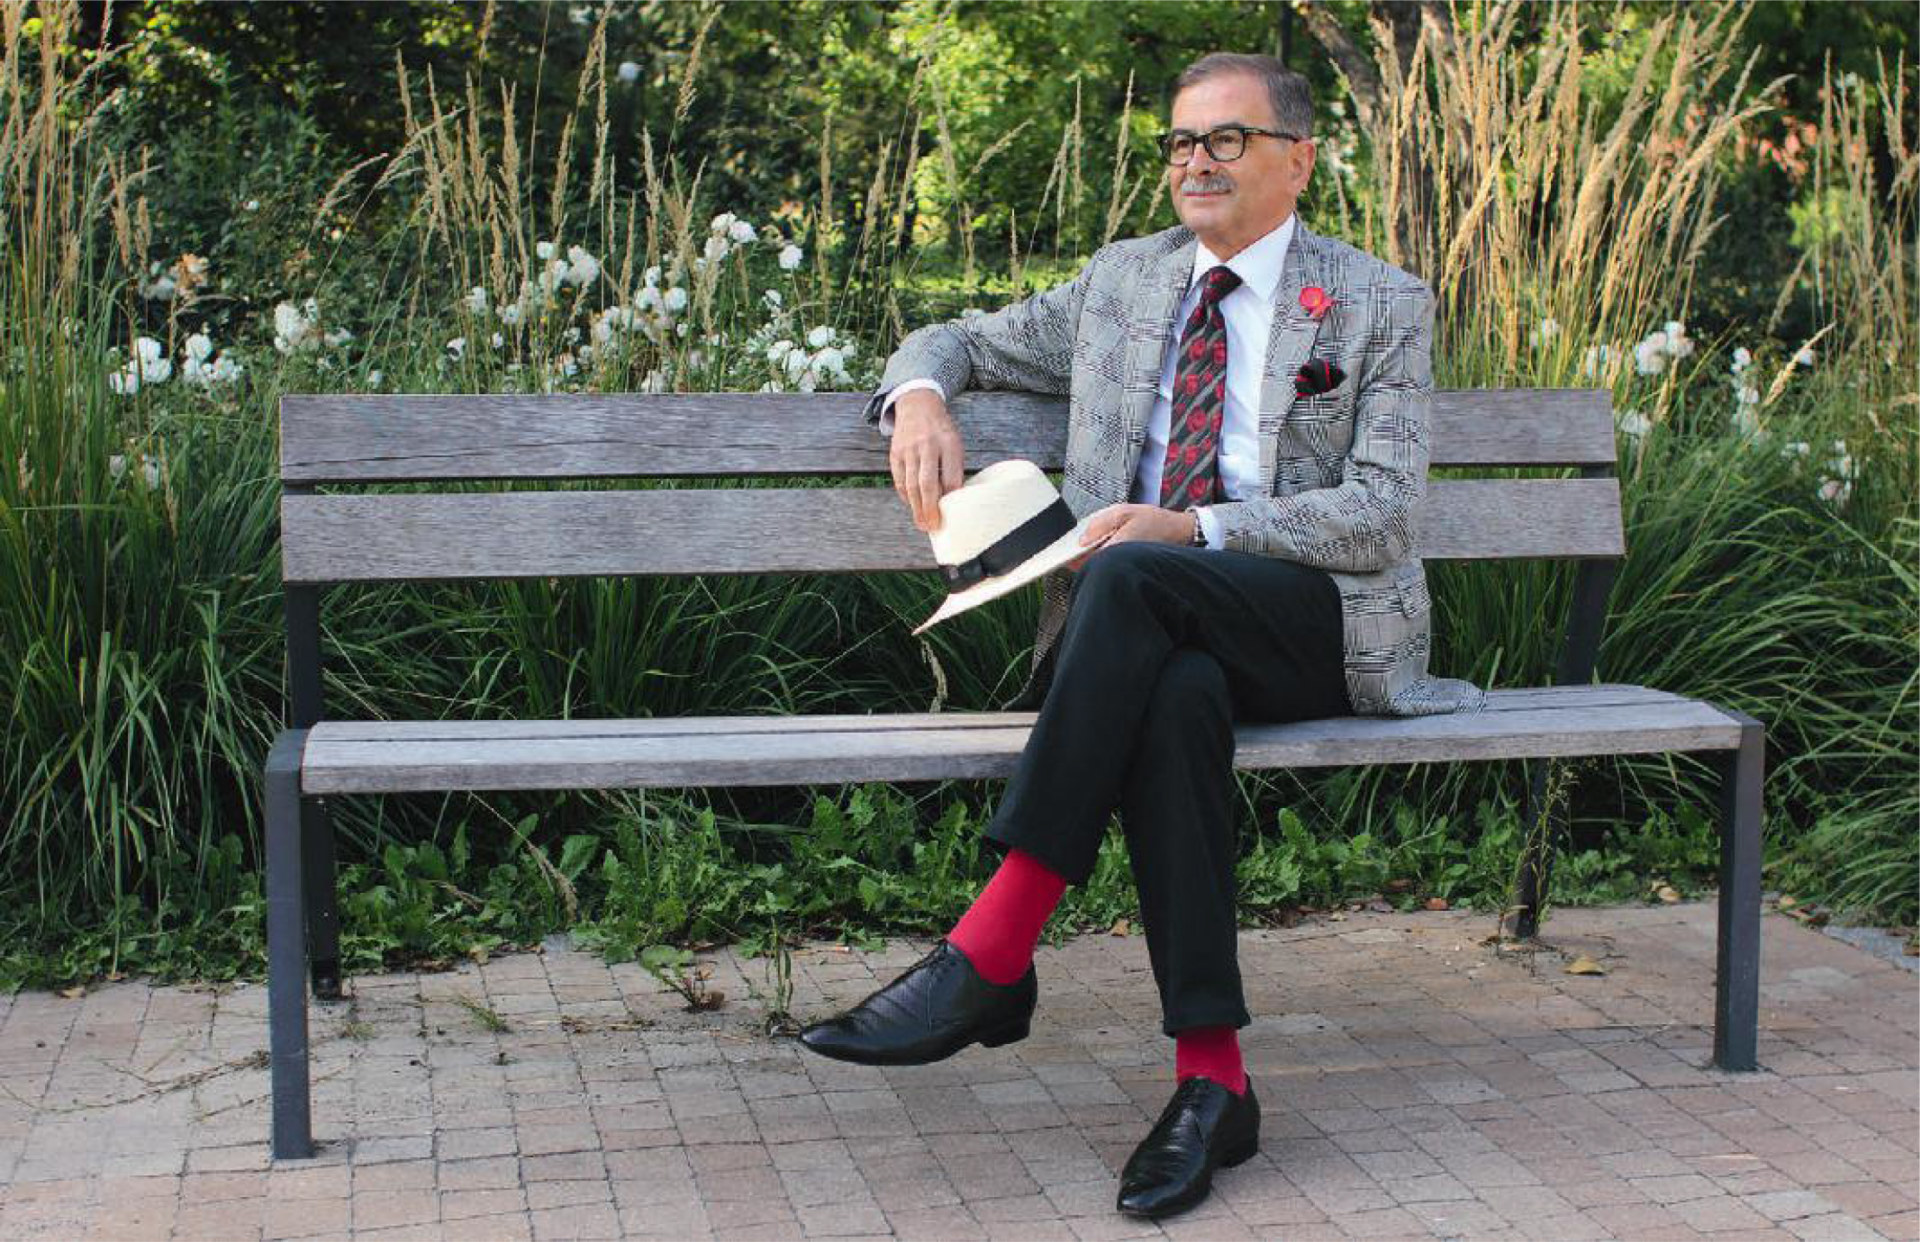 Starszy mężczyzna bardzo elegancko ubrany w garnitur i krawat, siedzi na ławce w parku. W ręku trzyma biały kapelusz.